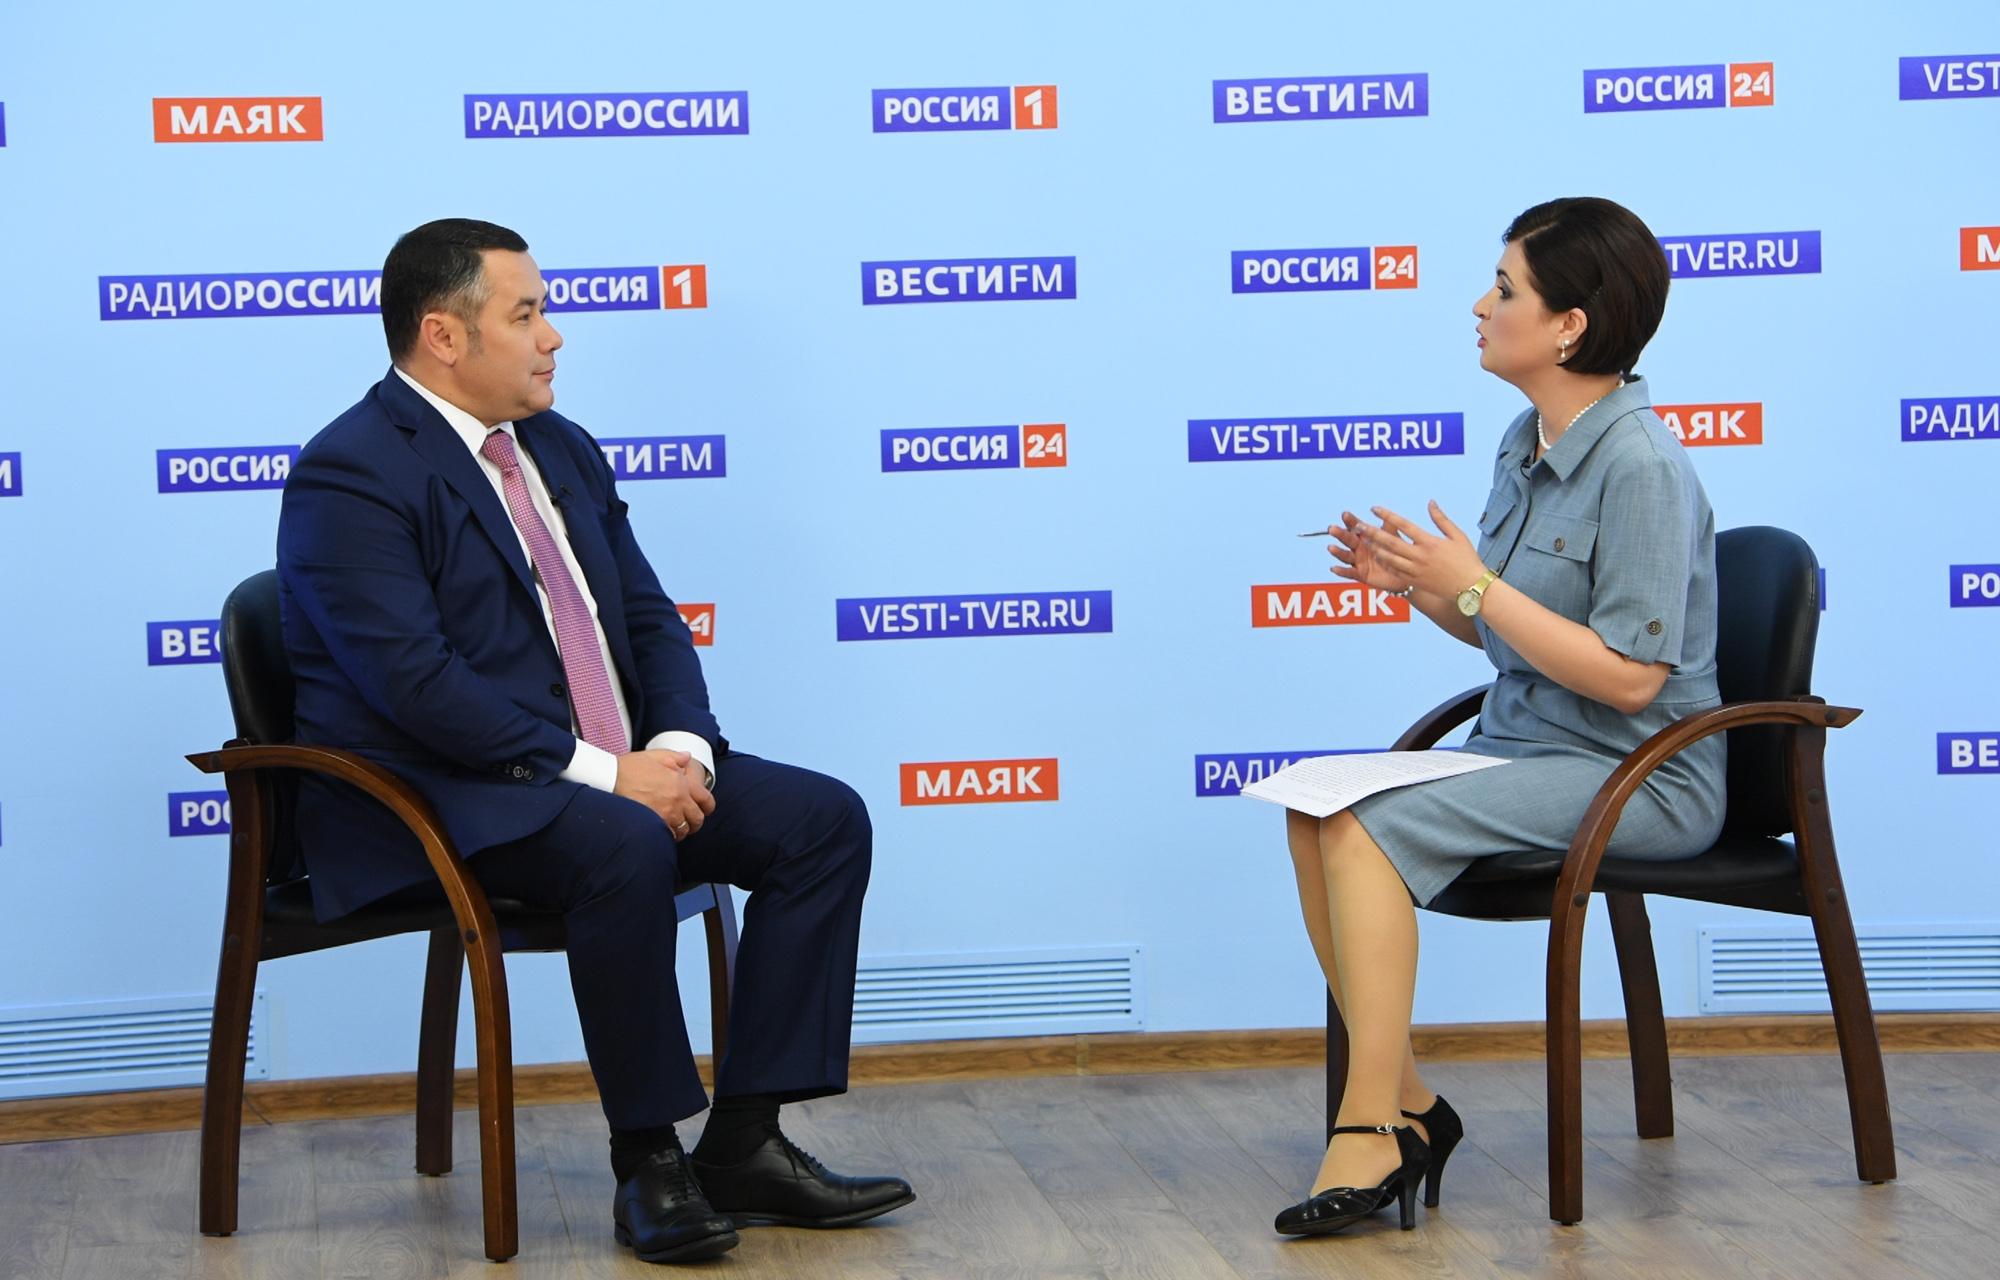 Игорь Руденя: национальные проекты – это новая страница в экономической истории нашей страны - новости Афанасий